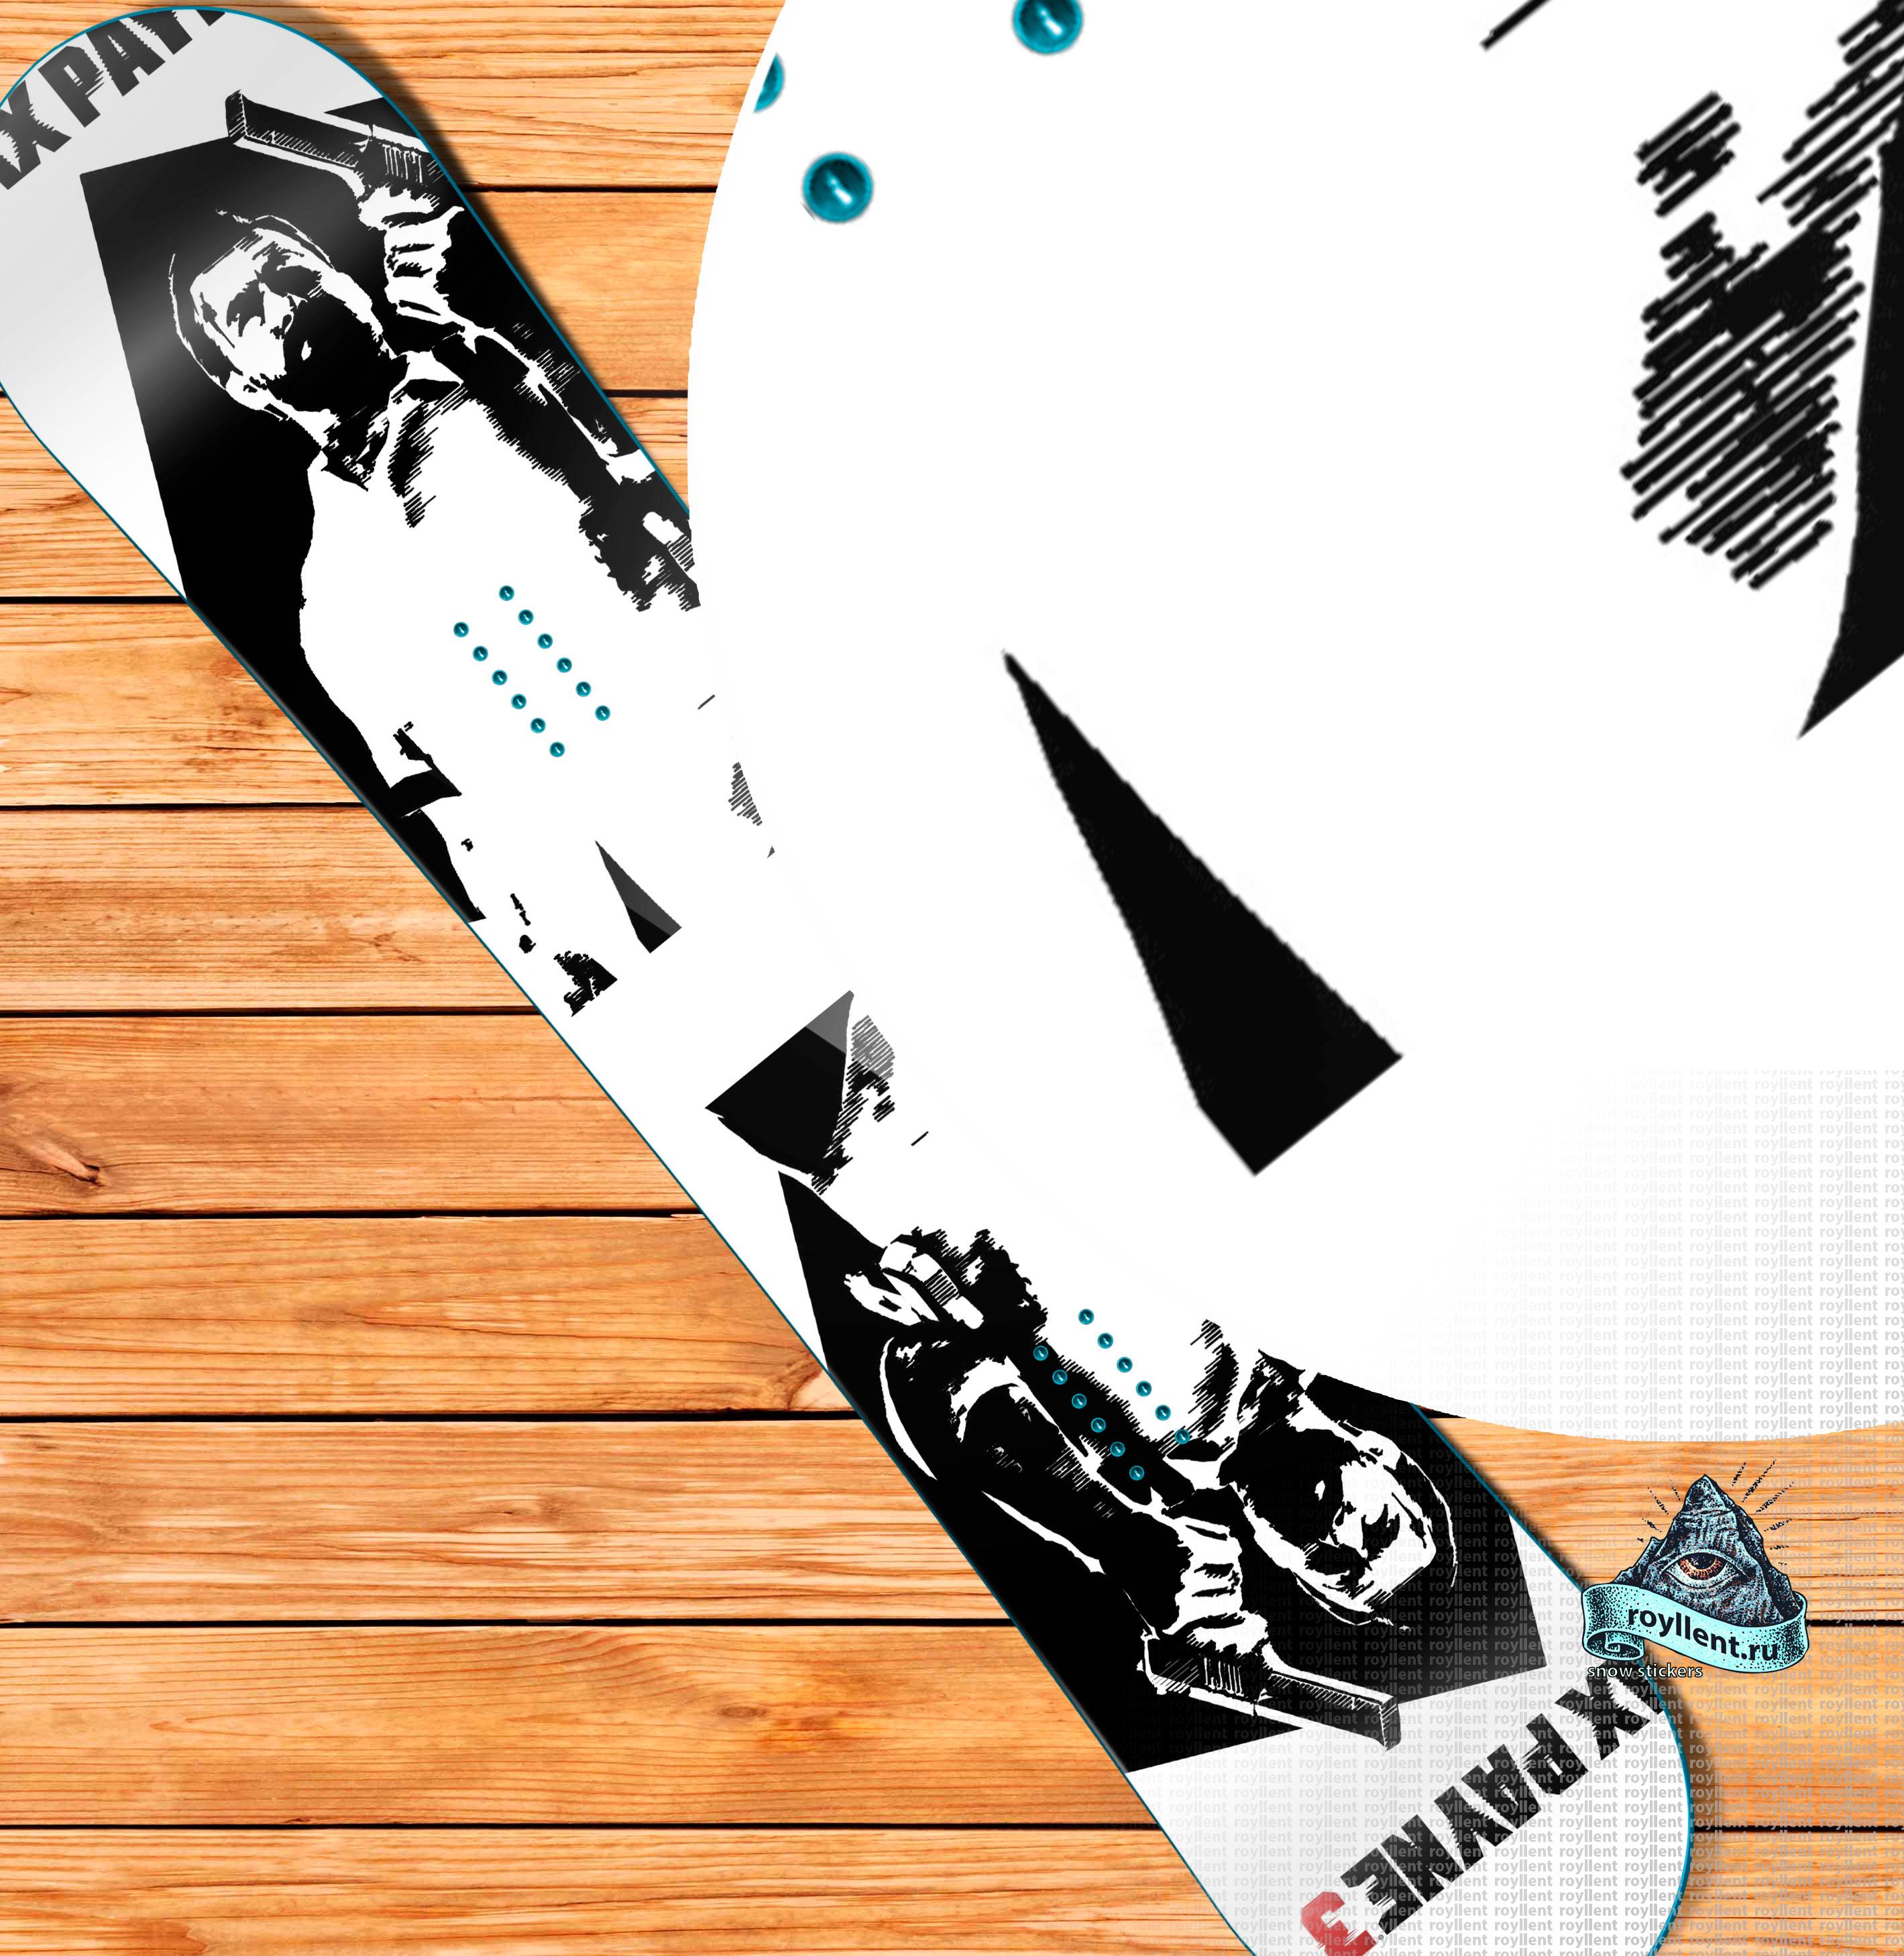 Виниловая наклейка на сноуборд Royllent 2018 Max Payne 2 Wrap snowboard